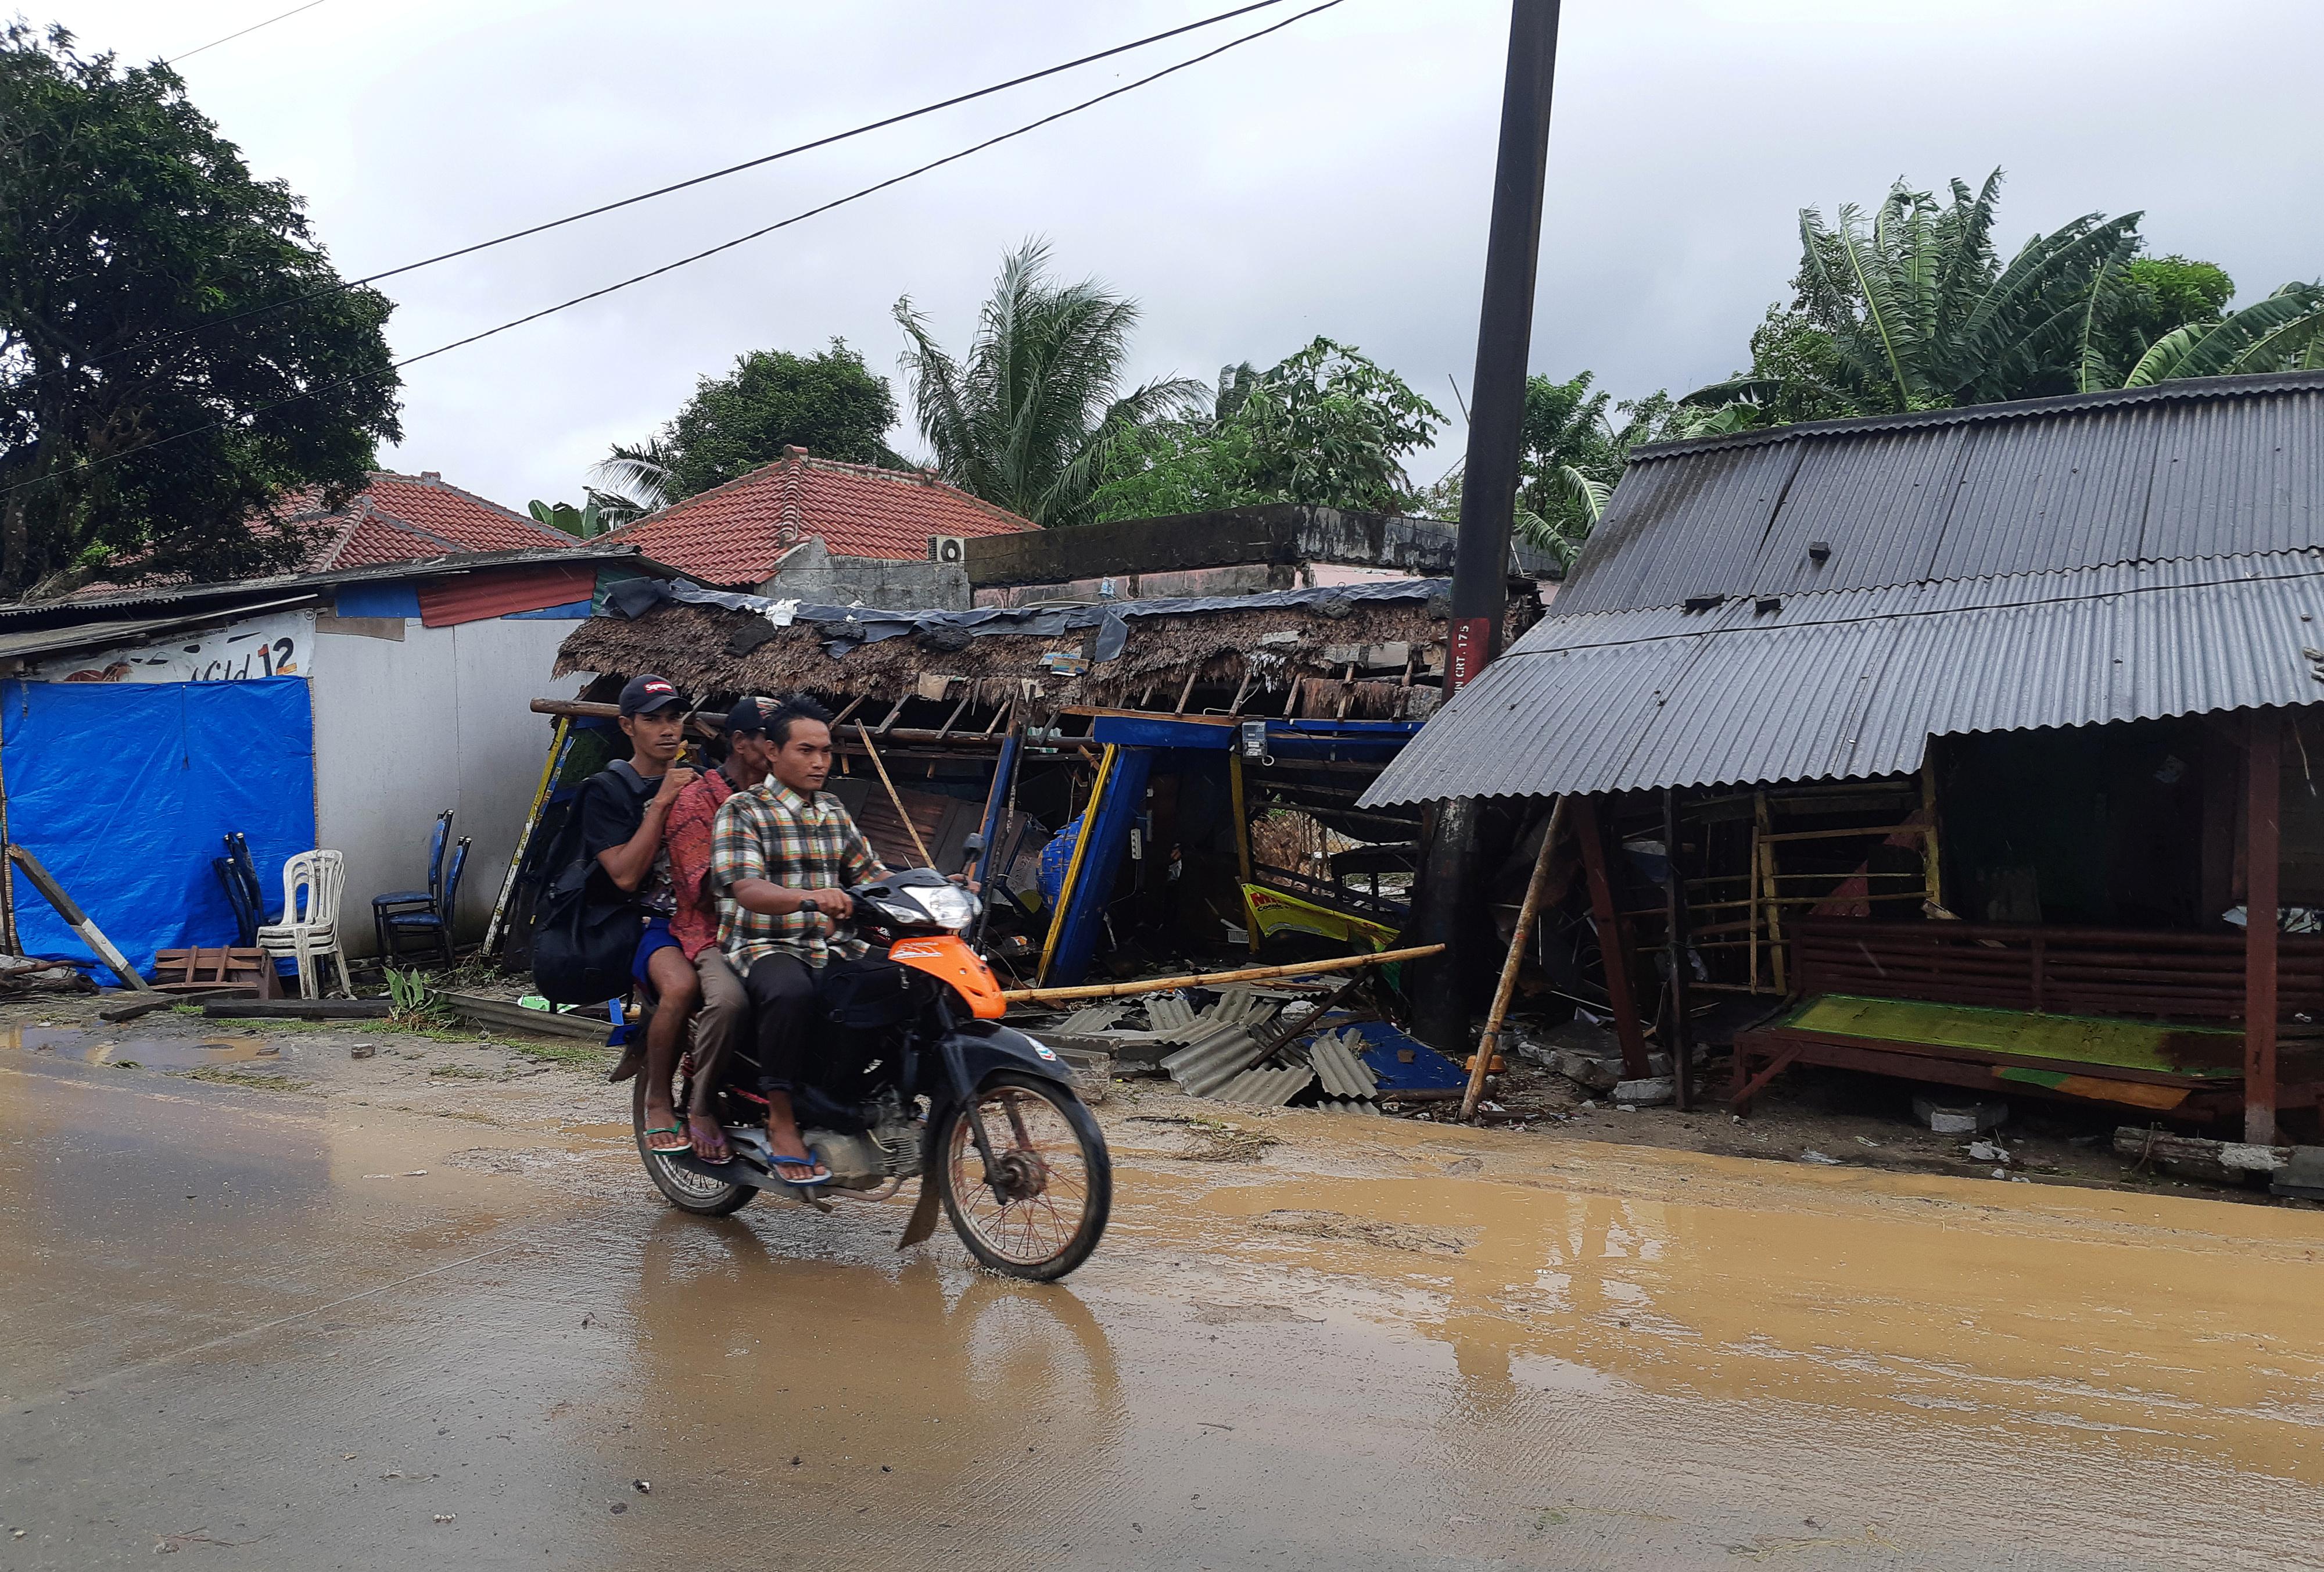 مواطنان يسيران على دراجة نارية بالقرب من الدمار الذي حل بمدينتهم جراء تسونامي